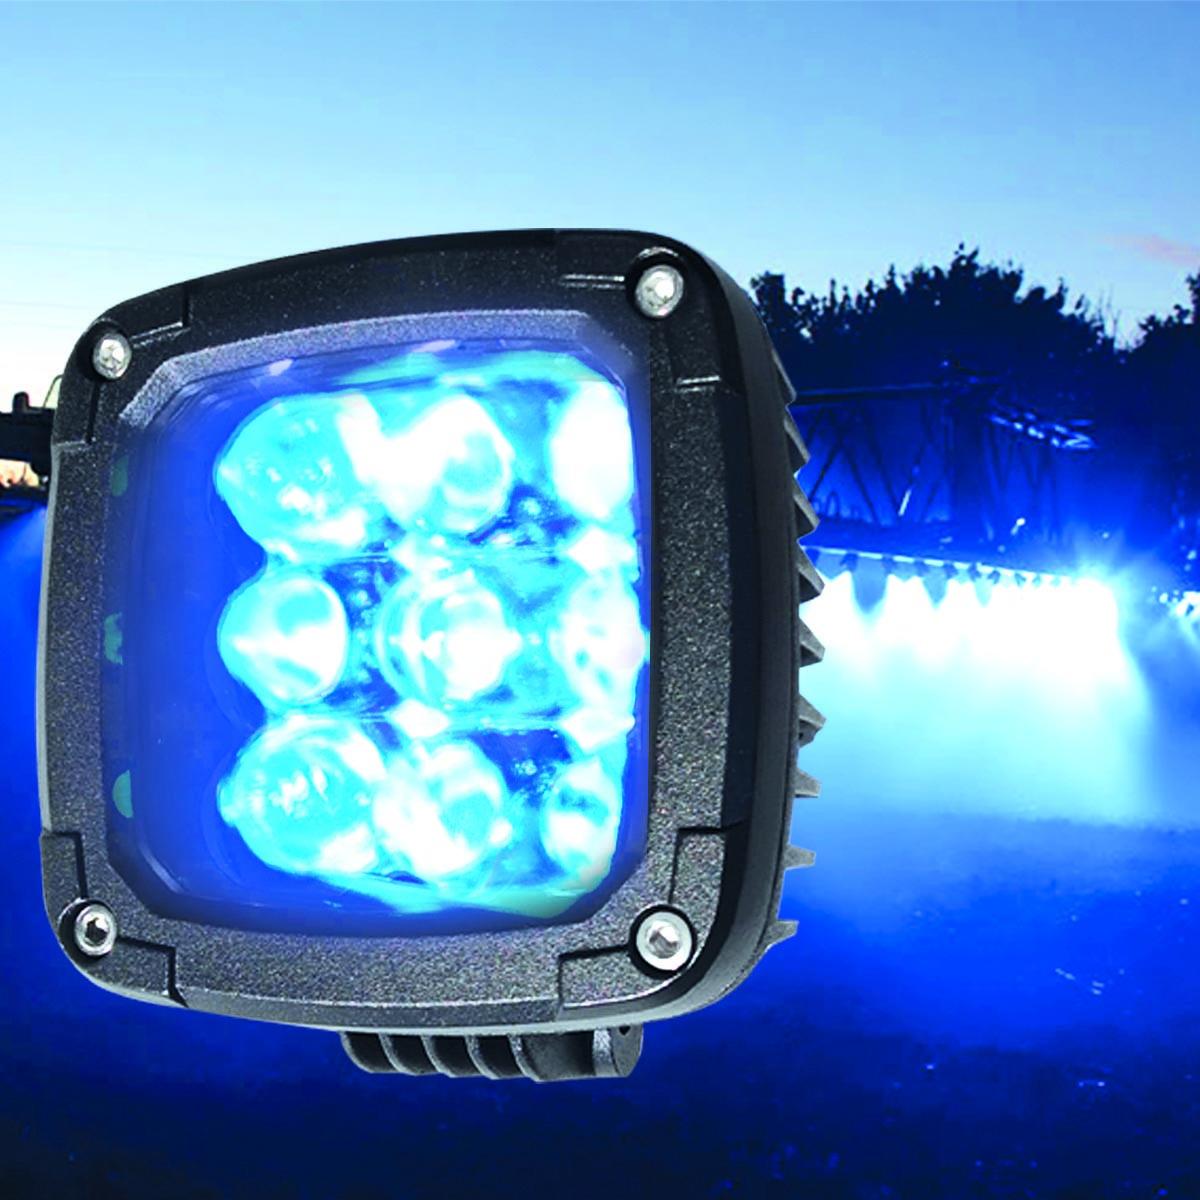 27W (9x3W/ СИНЬОГО СВІТЛА, квадратний корпус) 2700 lm LED Фара робоча 453701119 (Jubana)